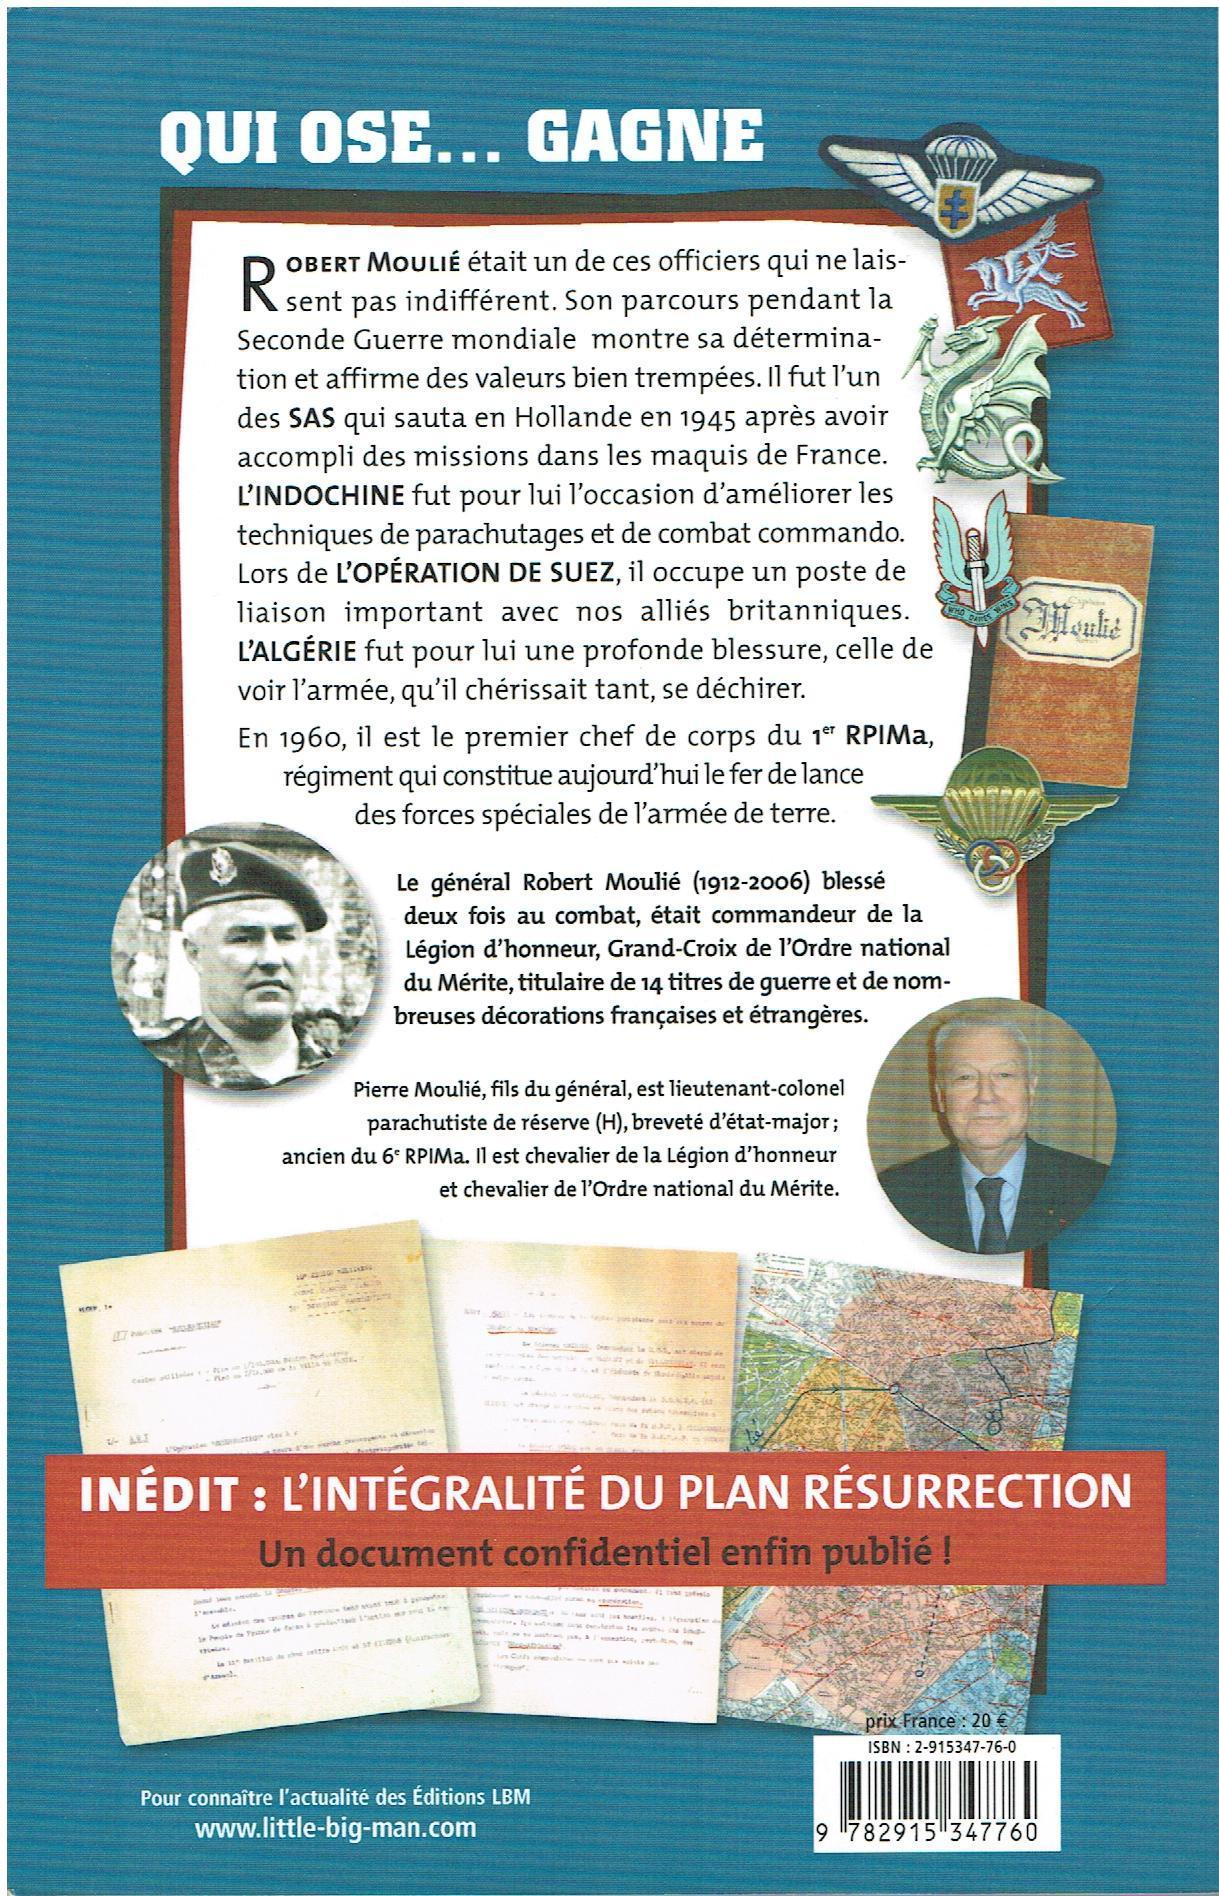 DES SAS au 1er RPIMa / Robert MOULIE YCgCZN